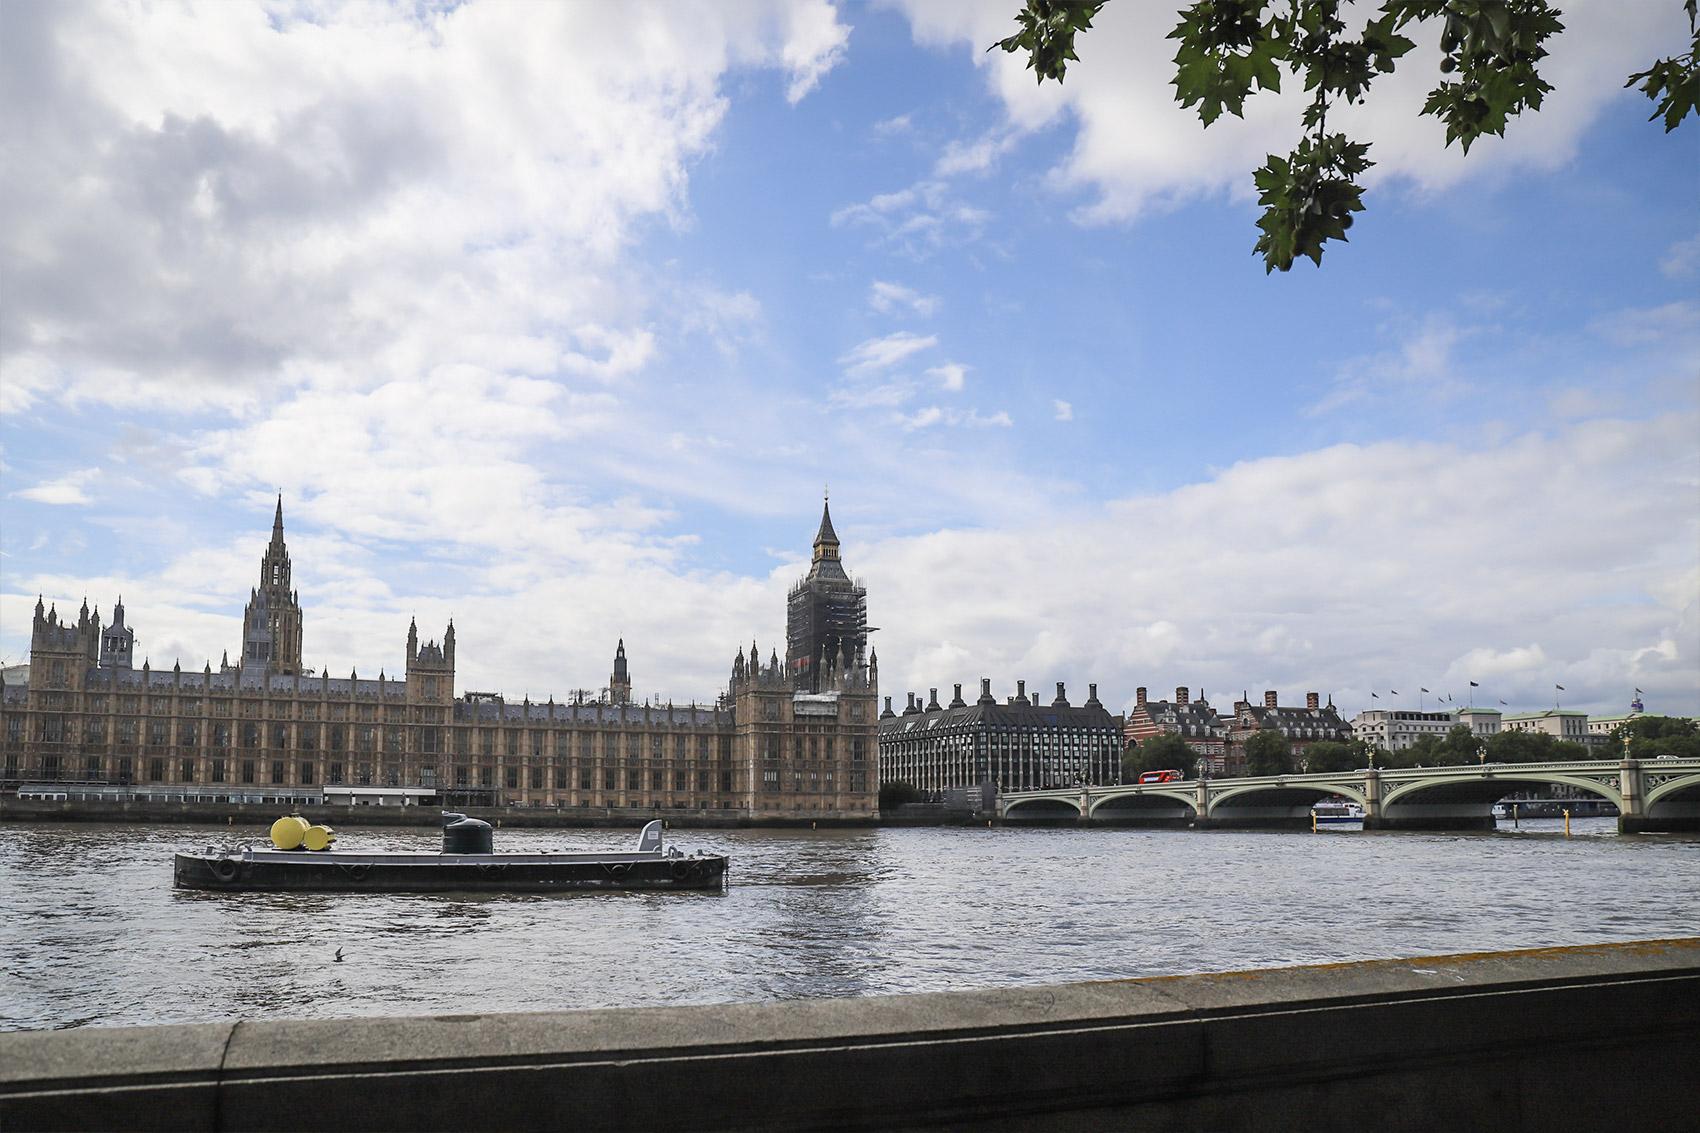 倫敦泰晤士河南岸-大笨鐘